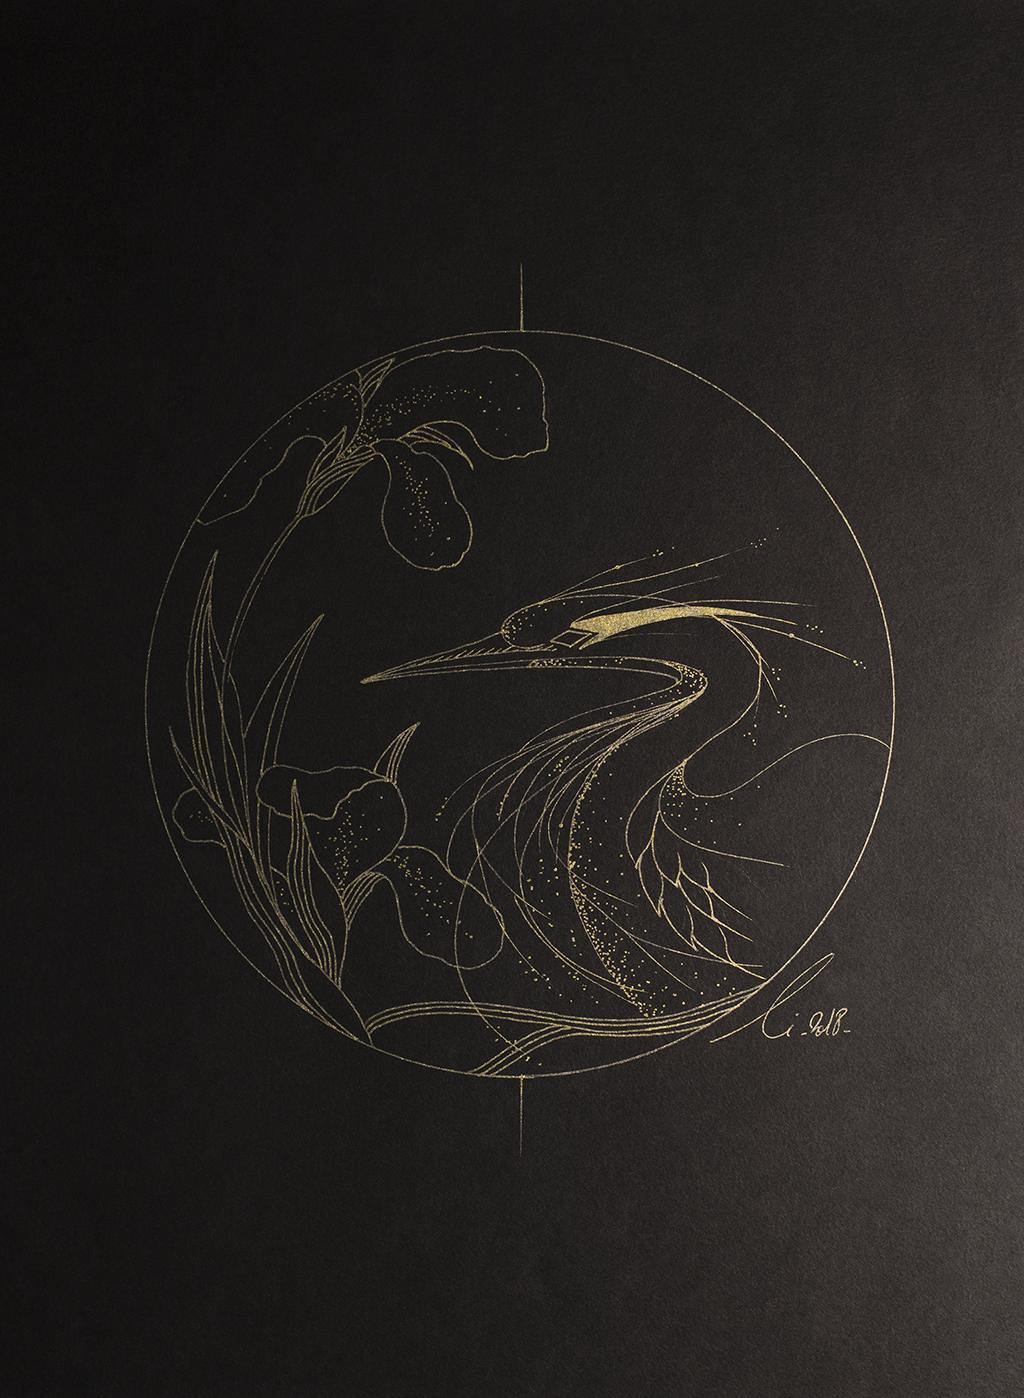 Le Héron aux Iris est un graphisme fait de lignes dorées sur fond noir.